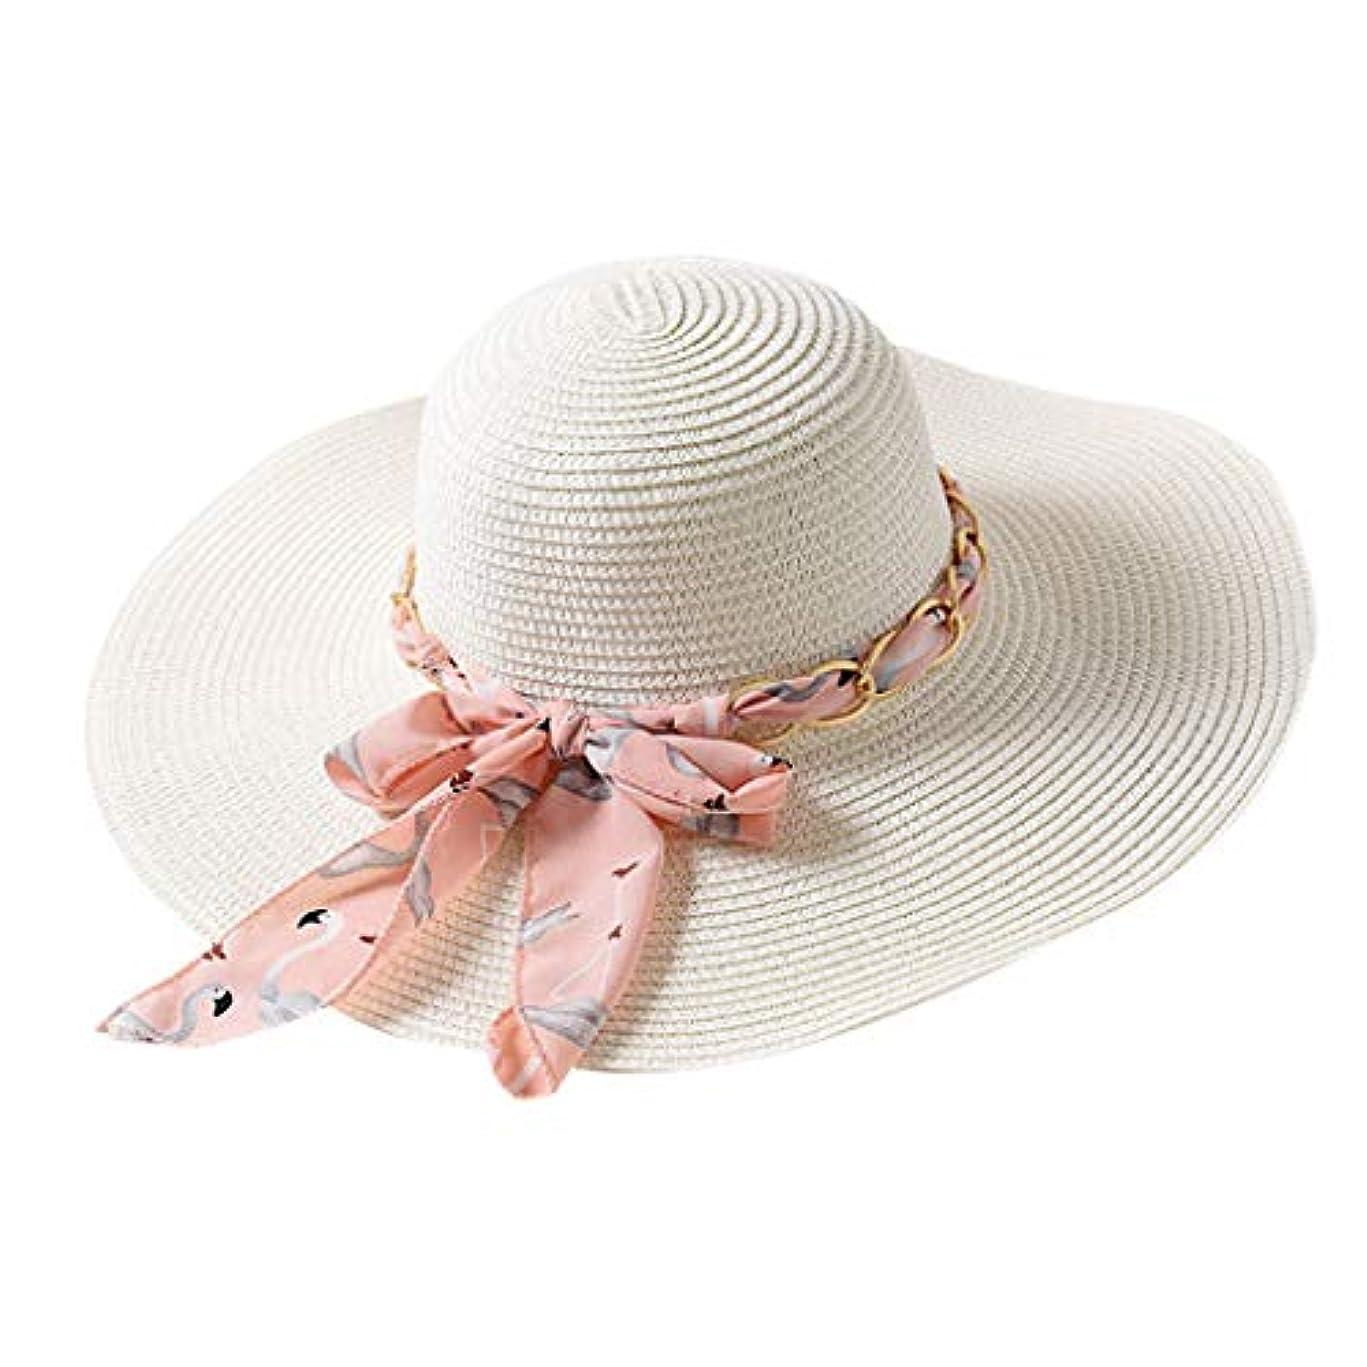 サーバ侵略桁ファッション小物 夏 帽子 レディース UVカット 帽子 ハット レディース 紫外線対策 日焼け防止 取り外すあご紐 つば広 おしゃれ 可愛い 夏季 折りたたみ サイズ調節可 旅行 女優帽 小顔効果抜群 ROSE ROMAN